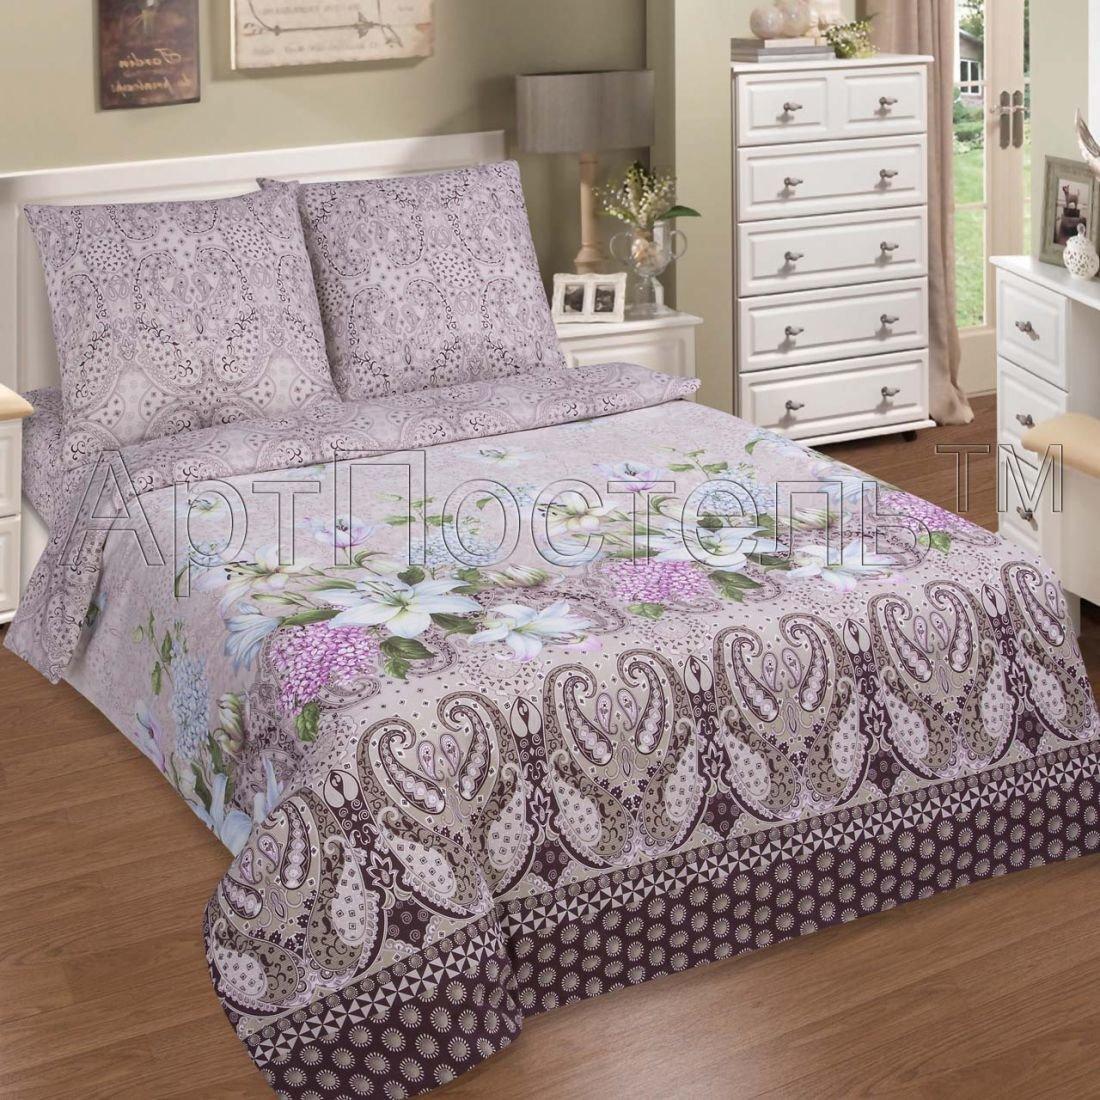 Сантимент — комплект постельного белья, 1.5 спальный (полутороспальный), поплин, Артпостель